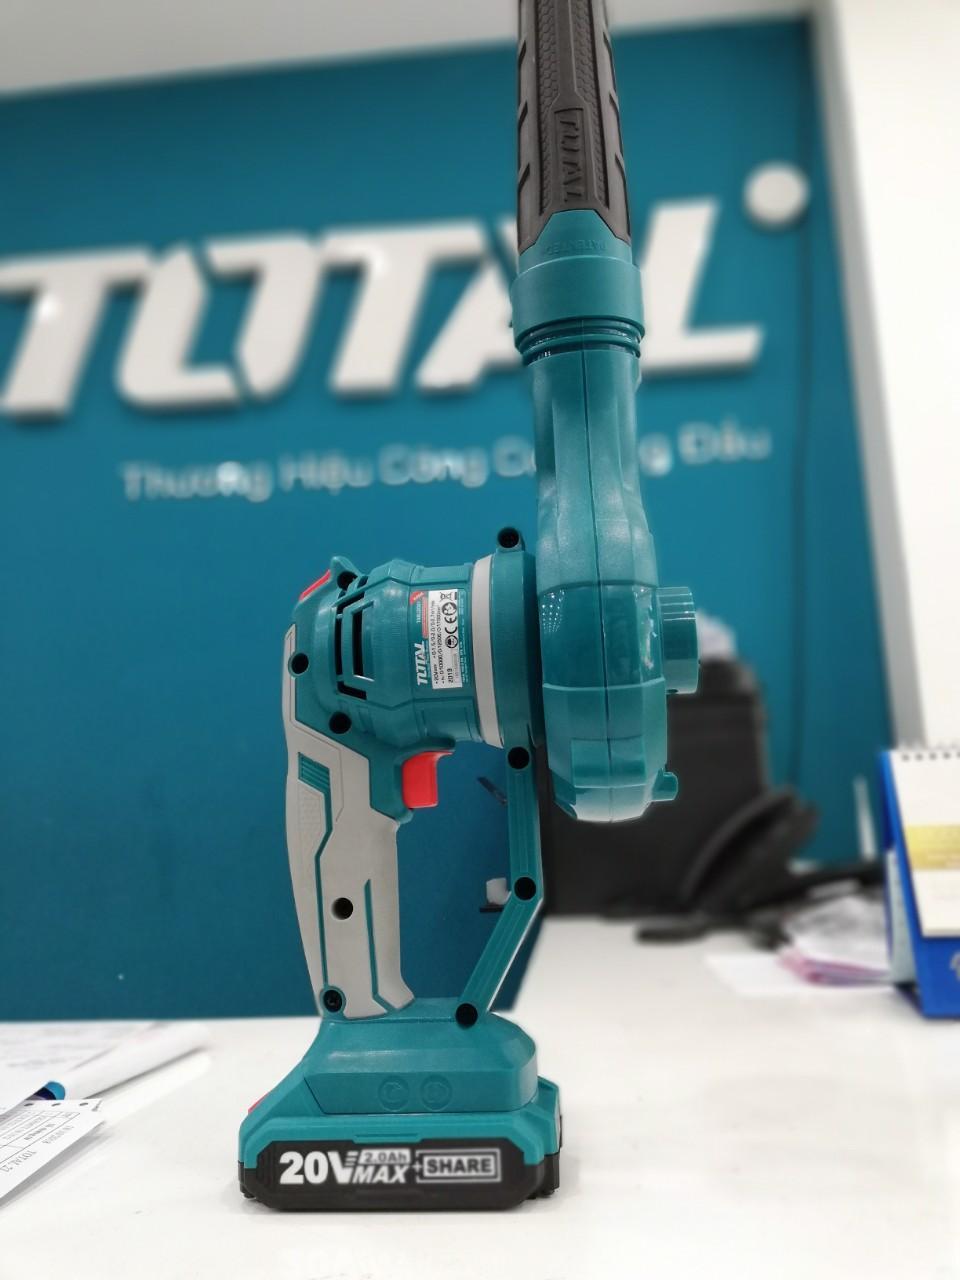 20V Máy thổi bụi  pin Li-ion Total - TABLI2001 (Không kèm theo pin và  cục sạc)